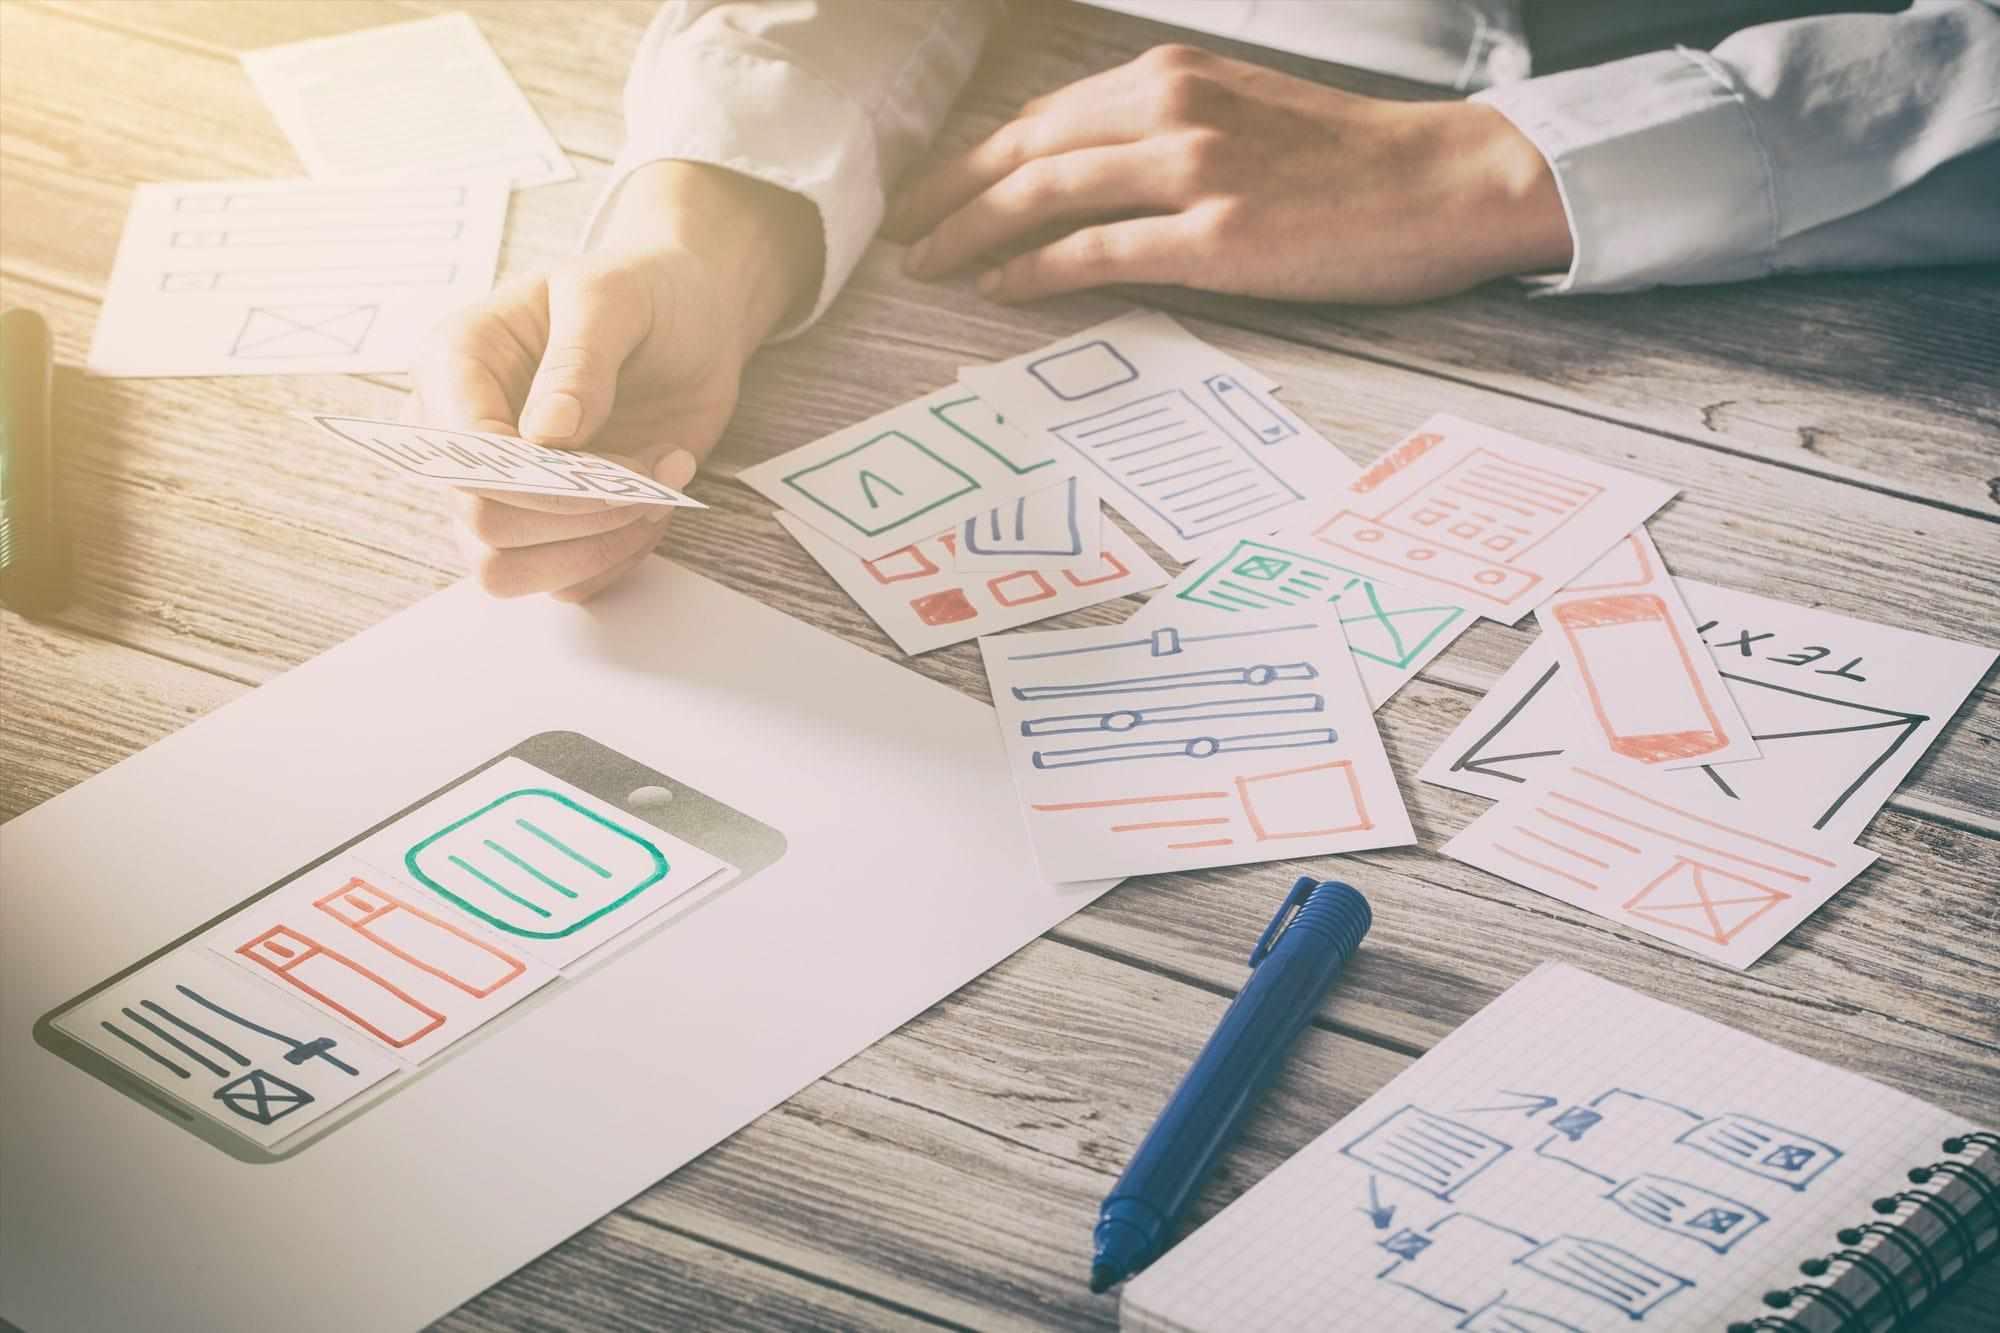 5 cose sulla Digital Transformation che un marketer dovrebbe sapere